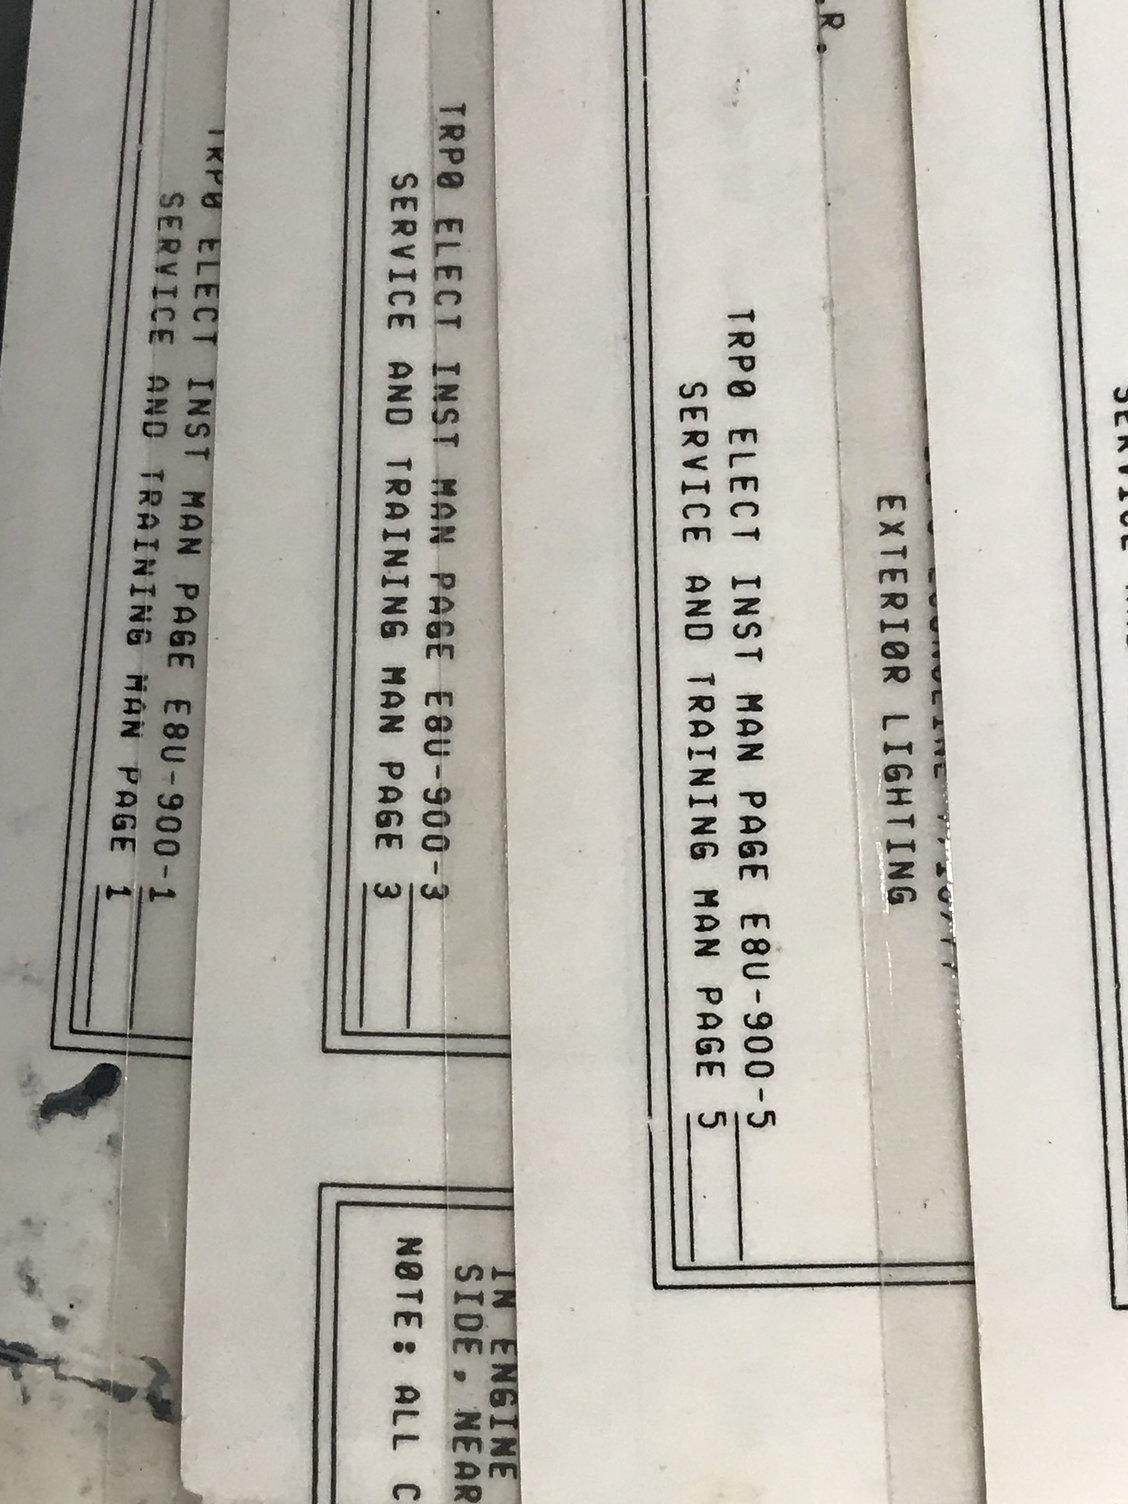 78 Econoline Wiring Diagrams  U0026 Vacuume Diagrams